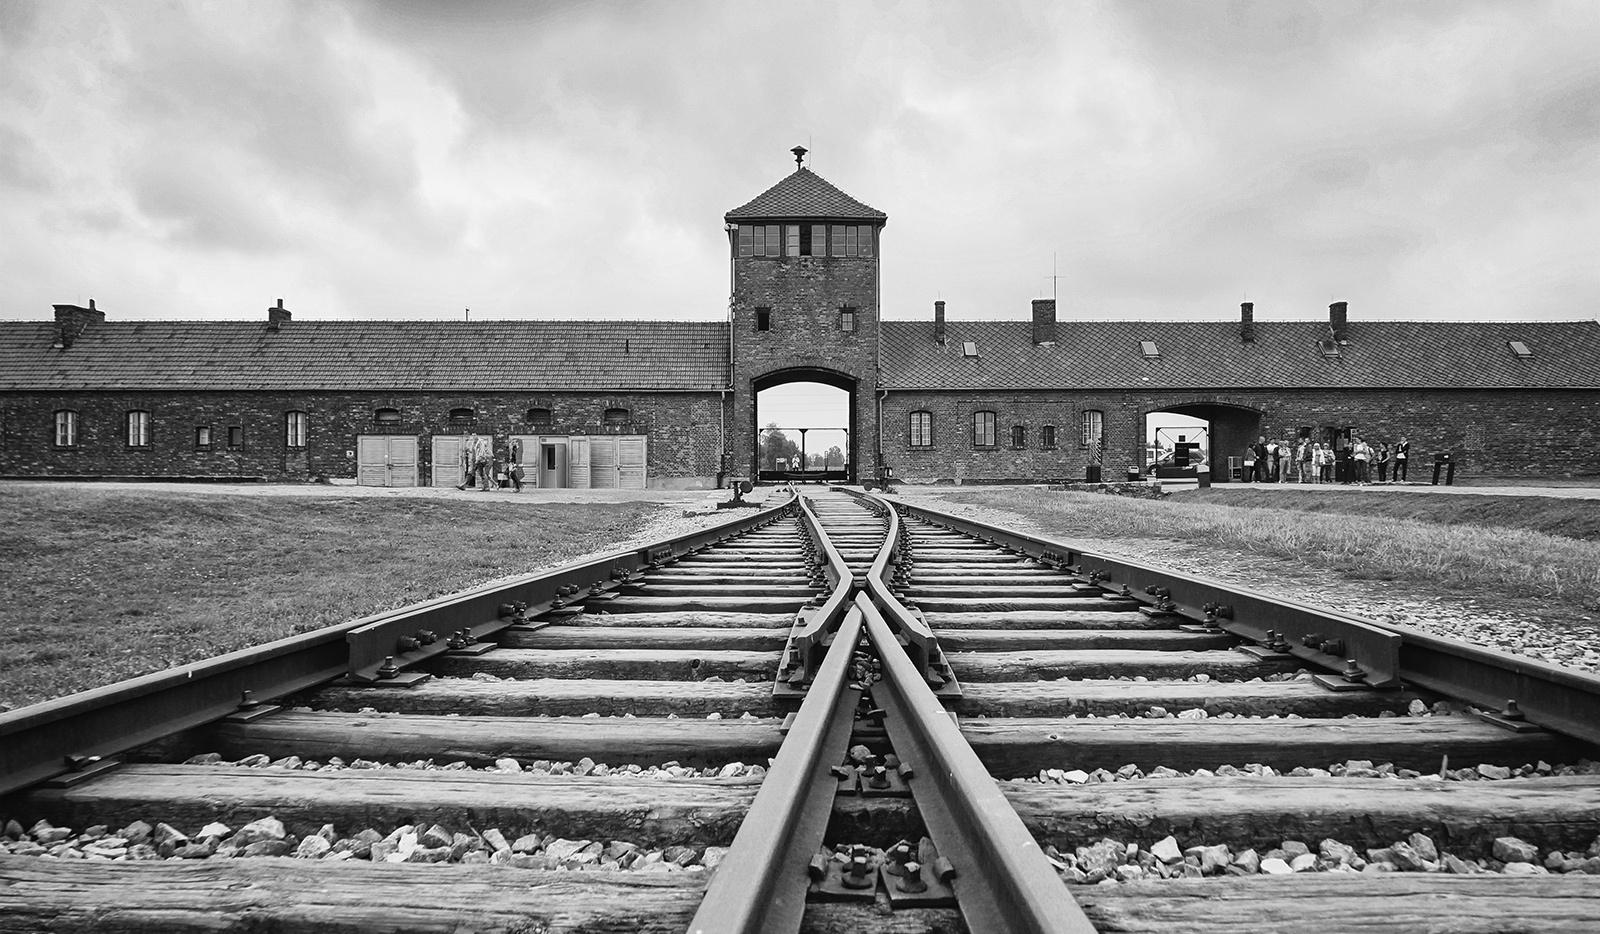 Пам'яті жертв Голокосту. Ніколи більше…